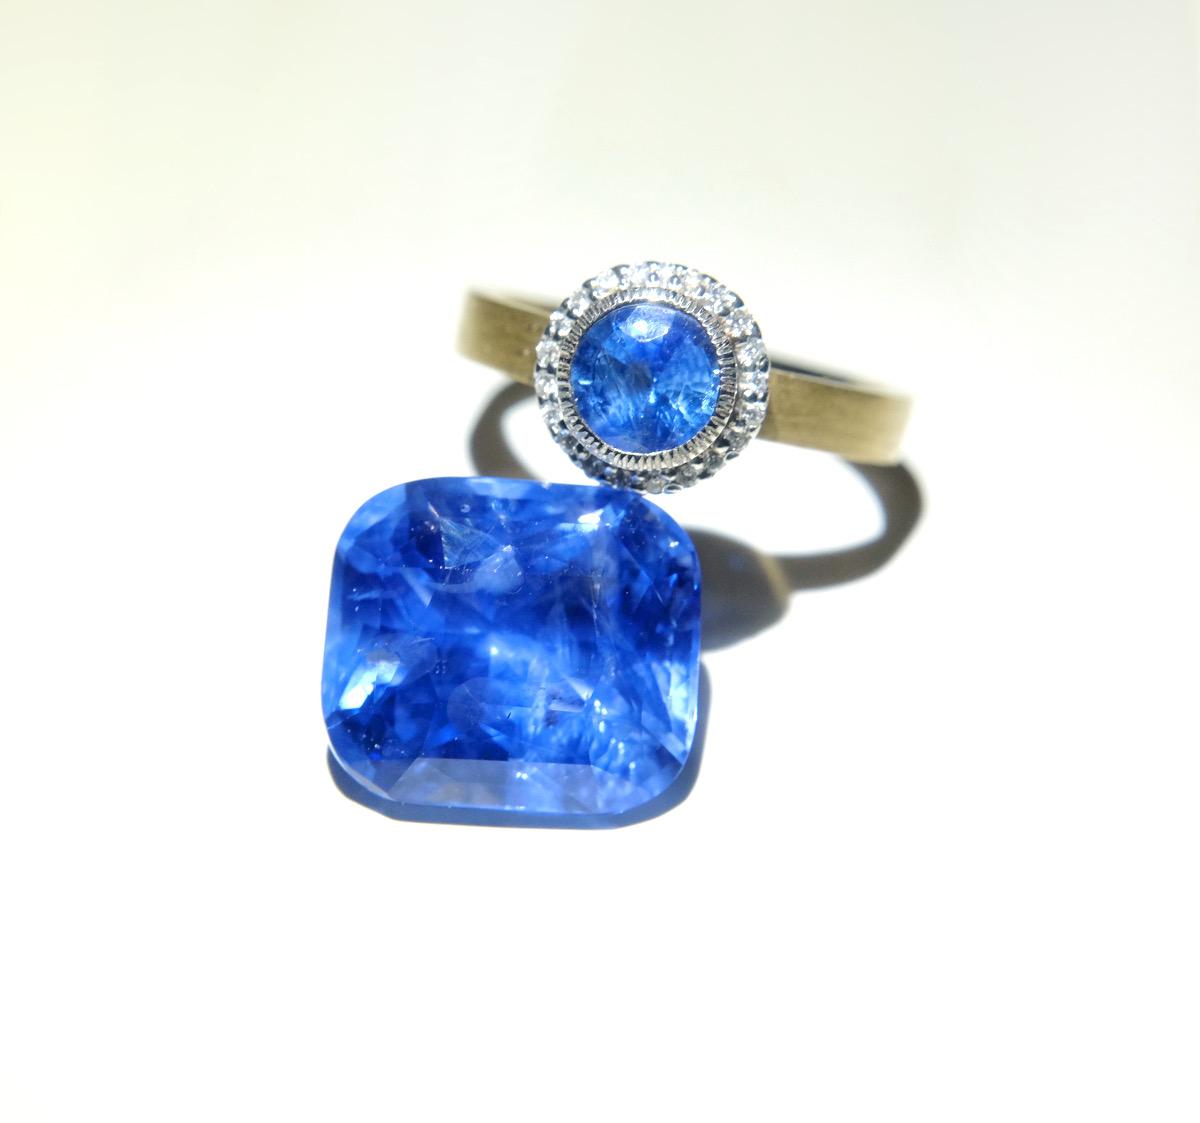 Cornflower blue sapphires